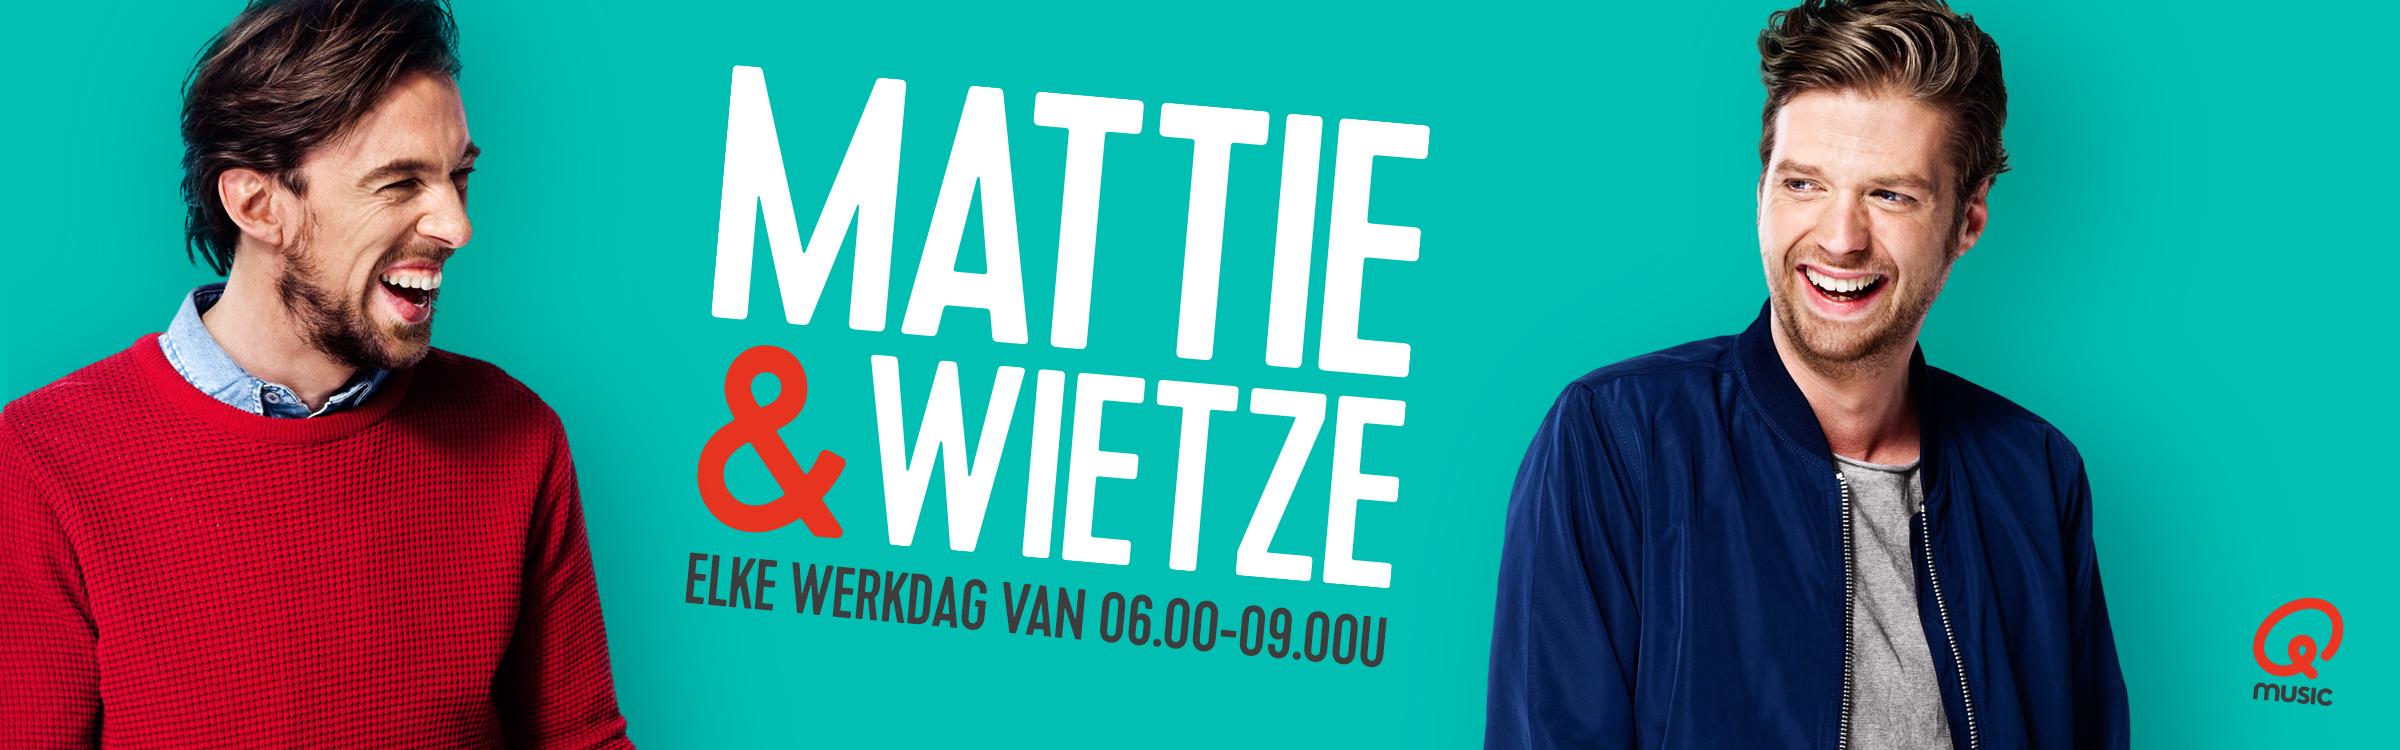 Mattie & Wietze